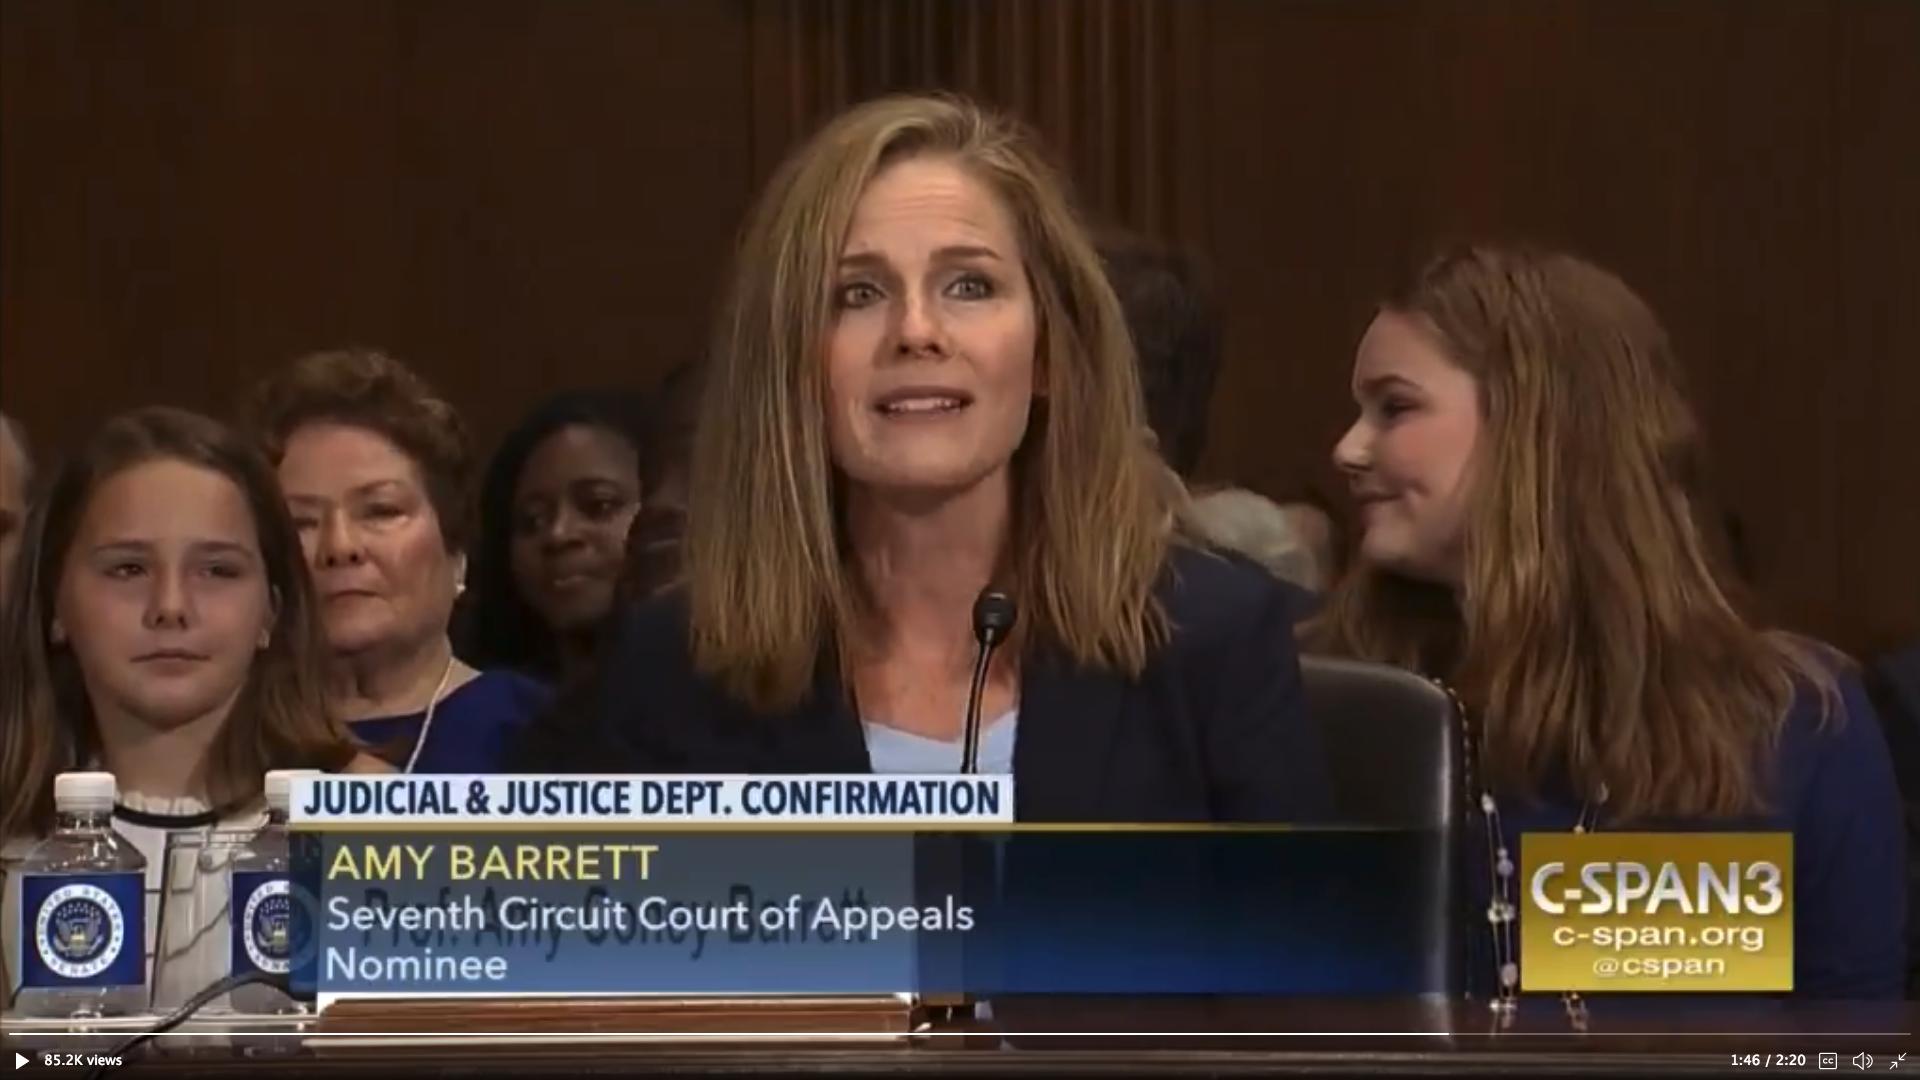 圖為艾米·科尼·巴雷特(Amy Coney Barrett)2017年在國會參議院接受第七巡迴上訴法院法官提名聽證現場。(C-span截圖)